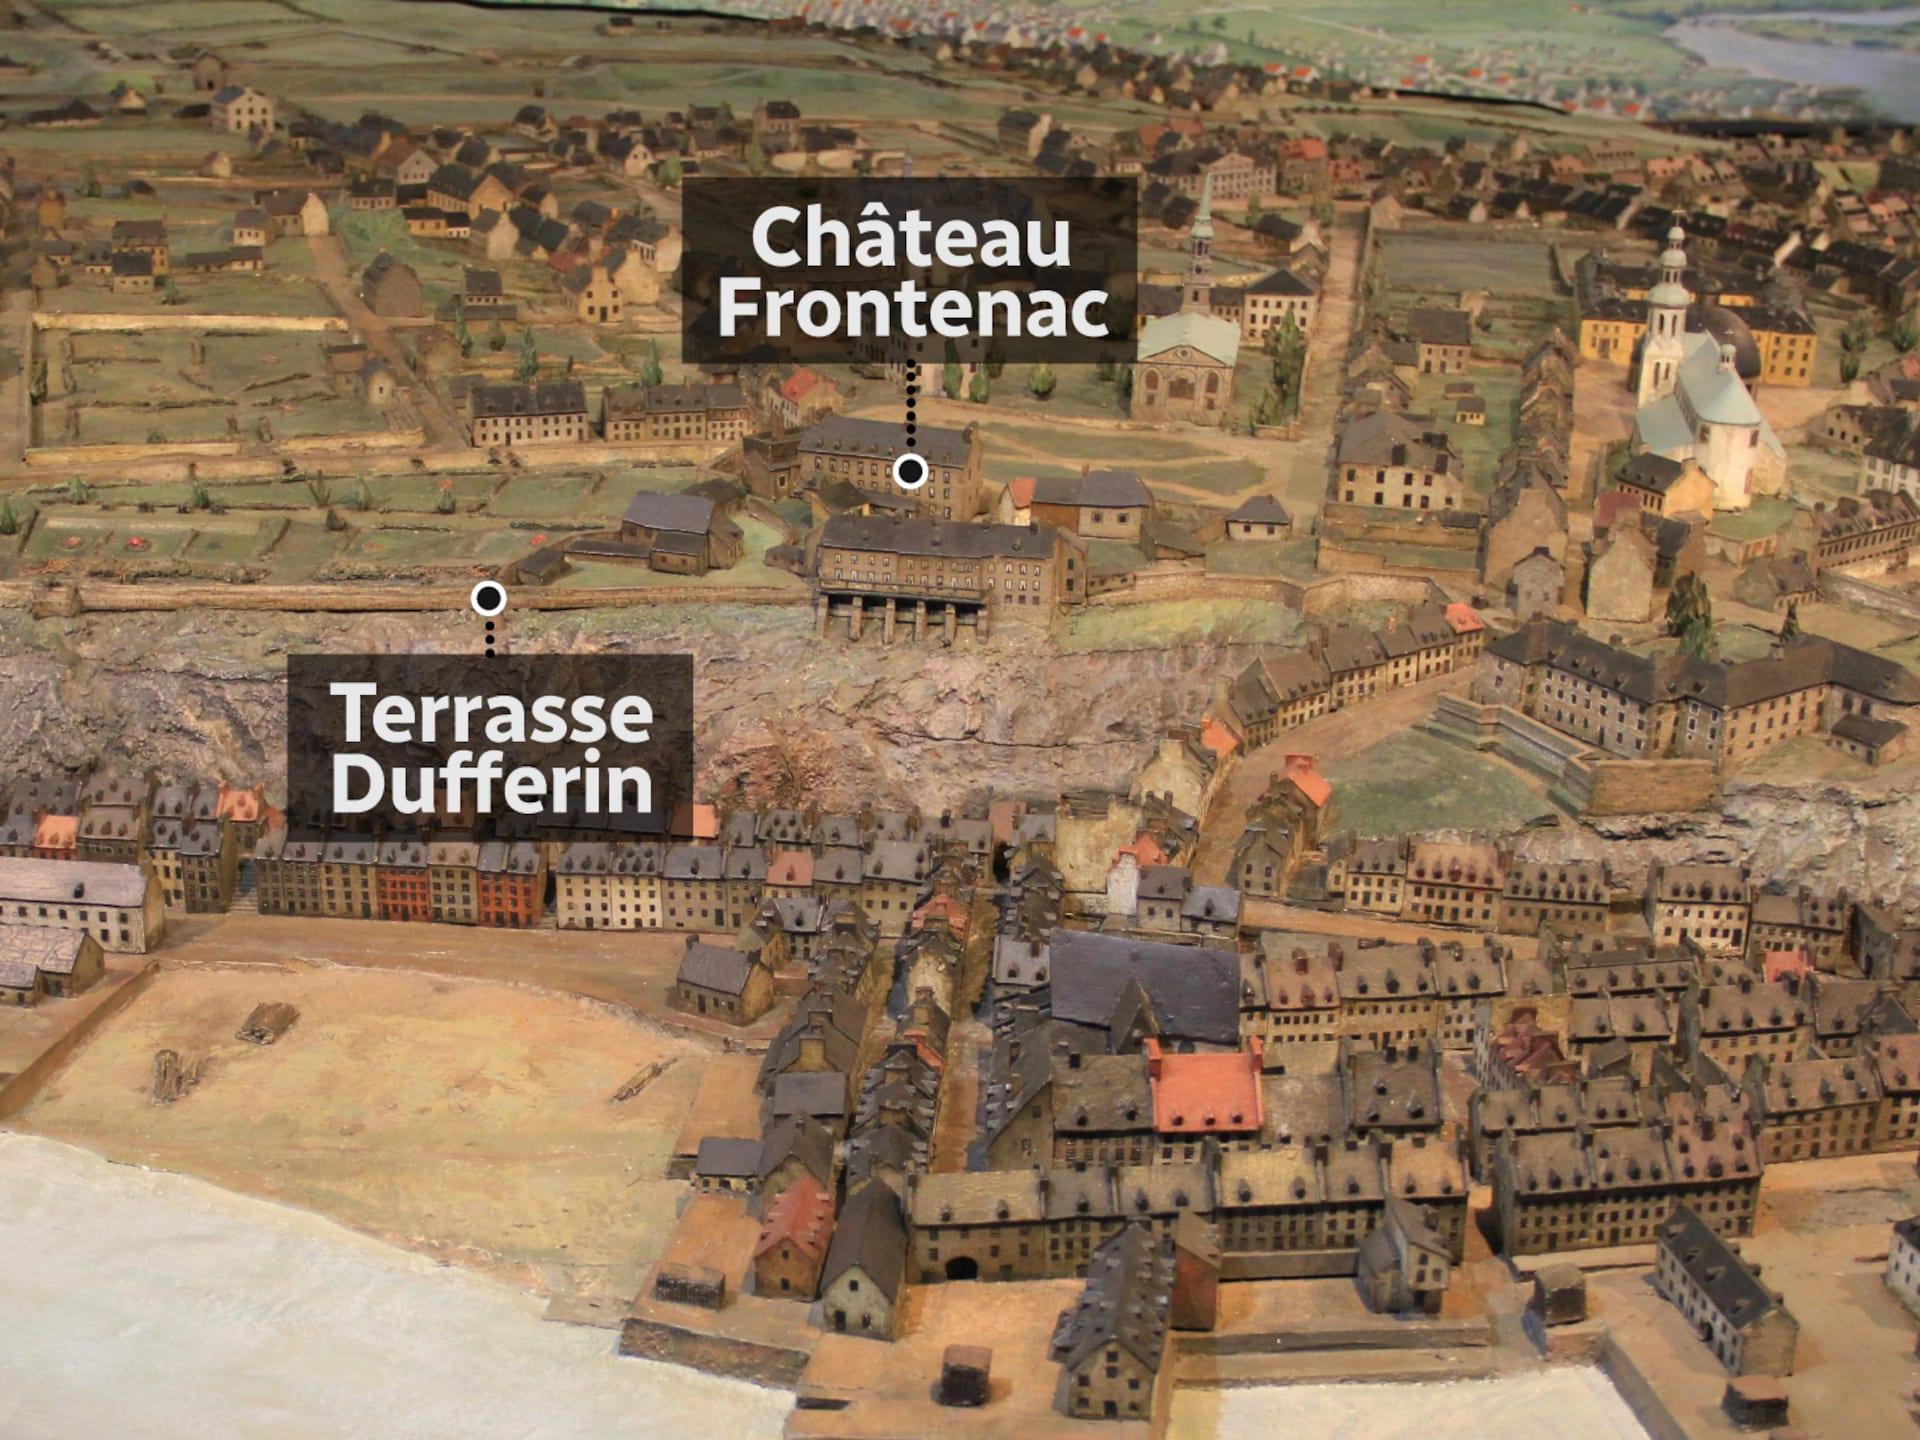 Sur les fortifications on peut apercevoir le château Saint-Louis, plutôt que la terrasse Dufferin qui l'a remplacé aujourd'hui. Le Palais épiscopal du haut de la côte de la Montagne, disparu aujourd'hui, est aussi très remarquable.